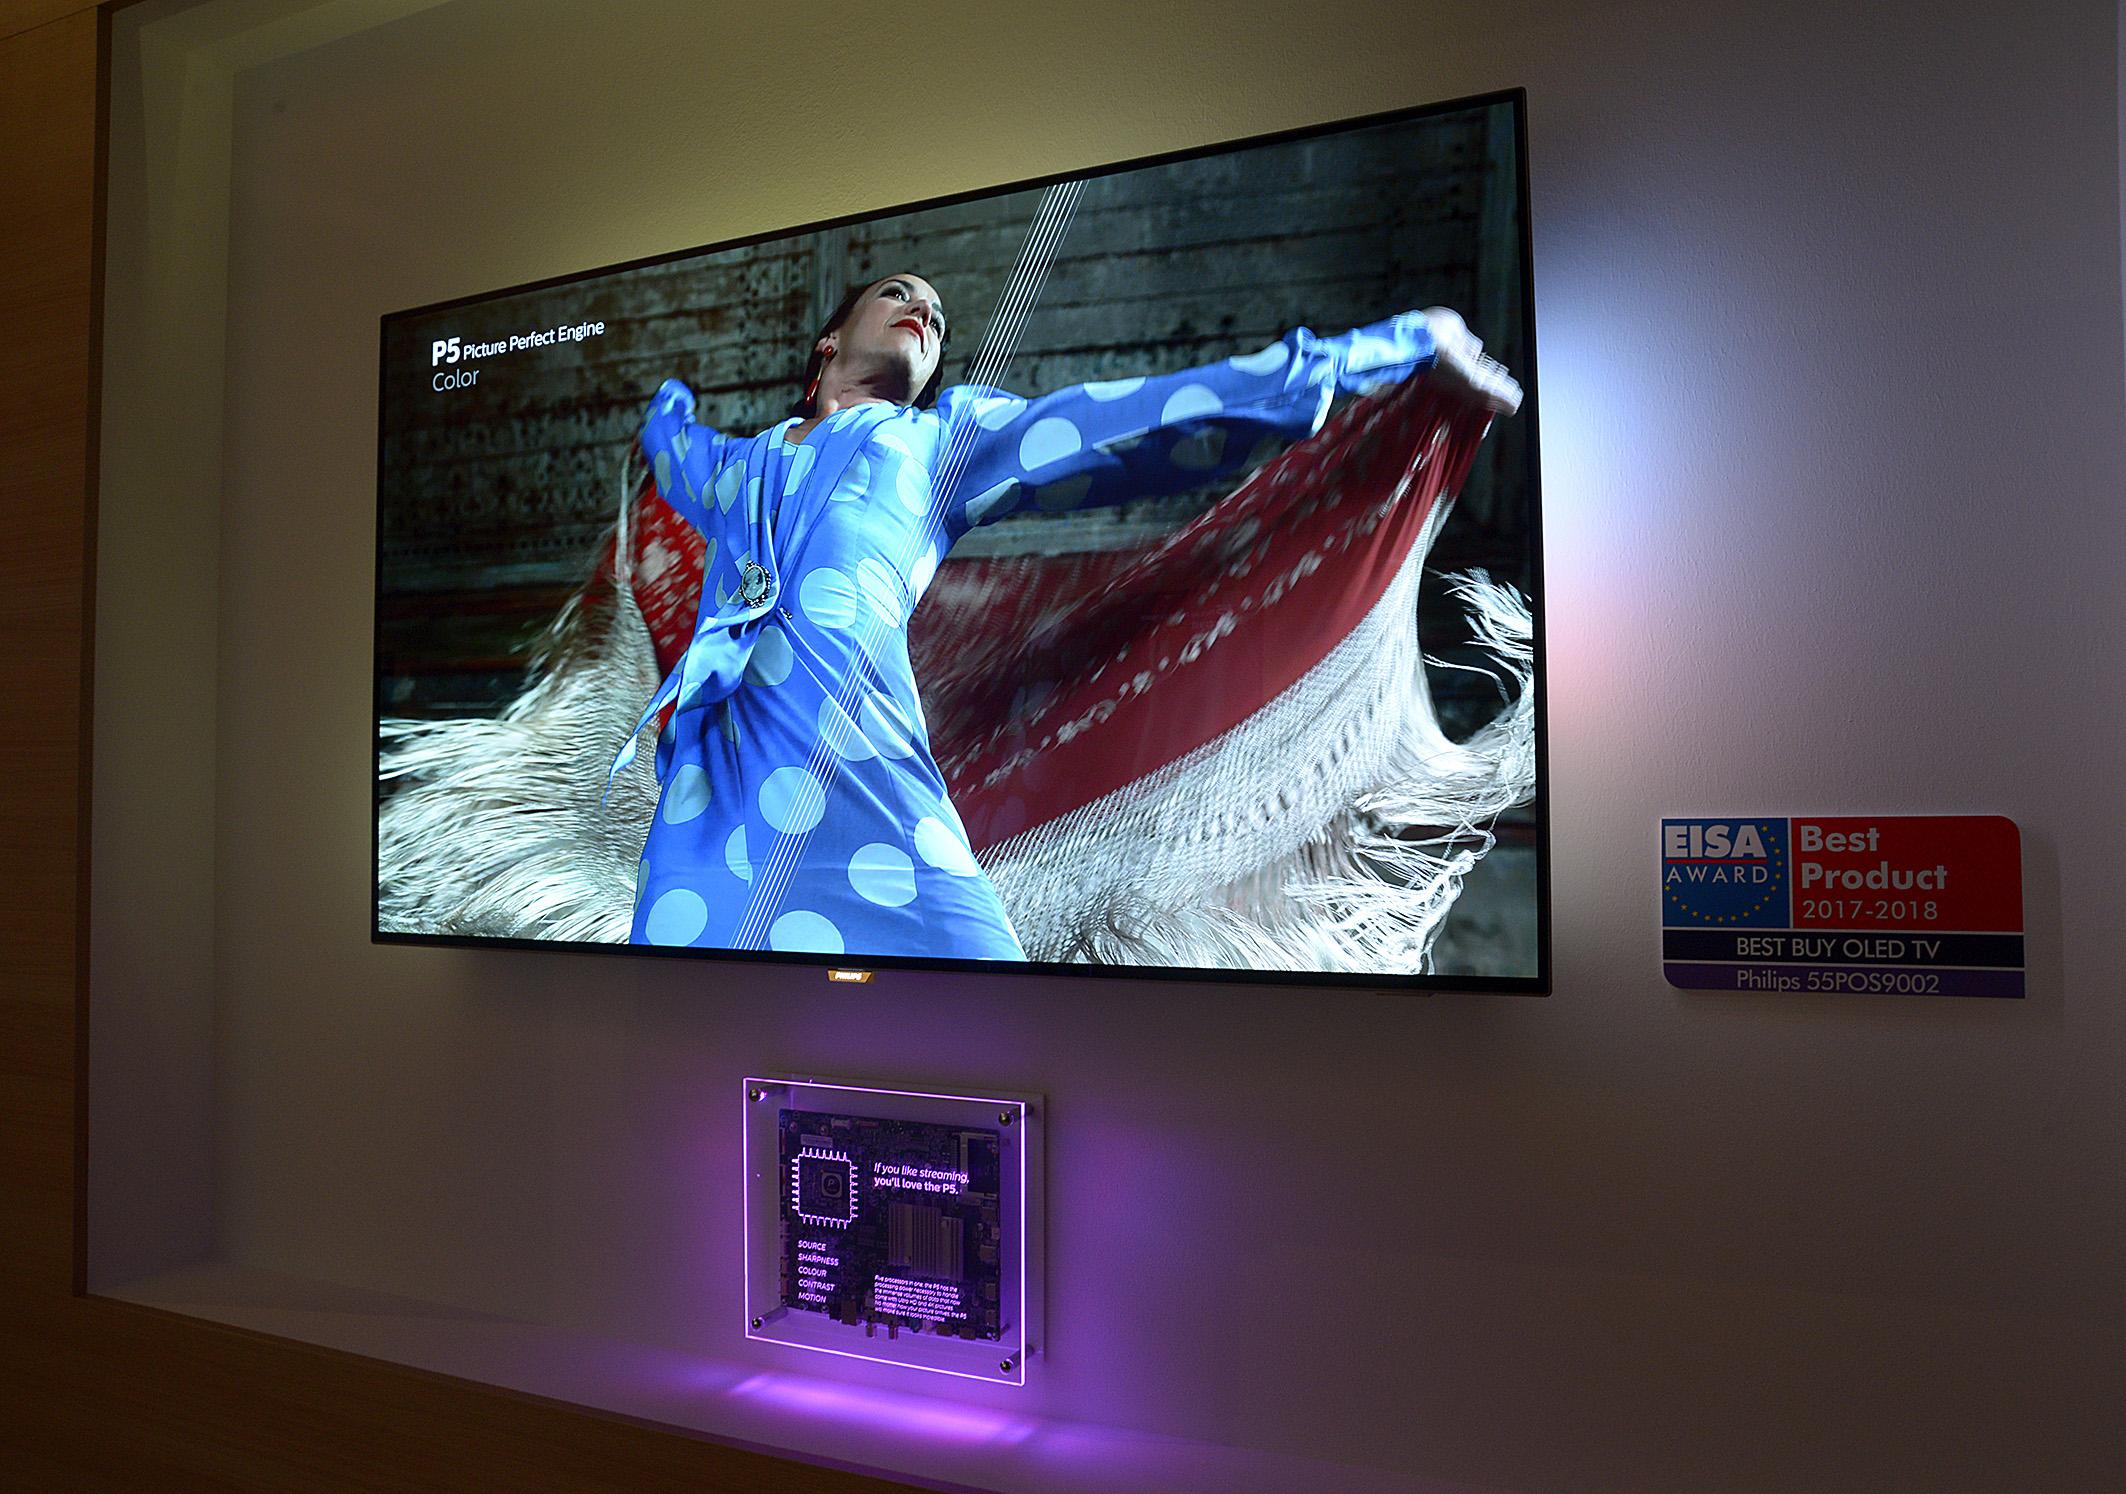 Foto: Michael B. Rehders Mit dem EISA-Award ausgezeichneter TV von Philips, unter dem ein Teil der Technik zu bestaunen ist.